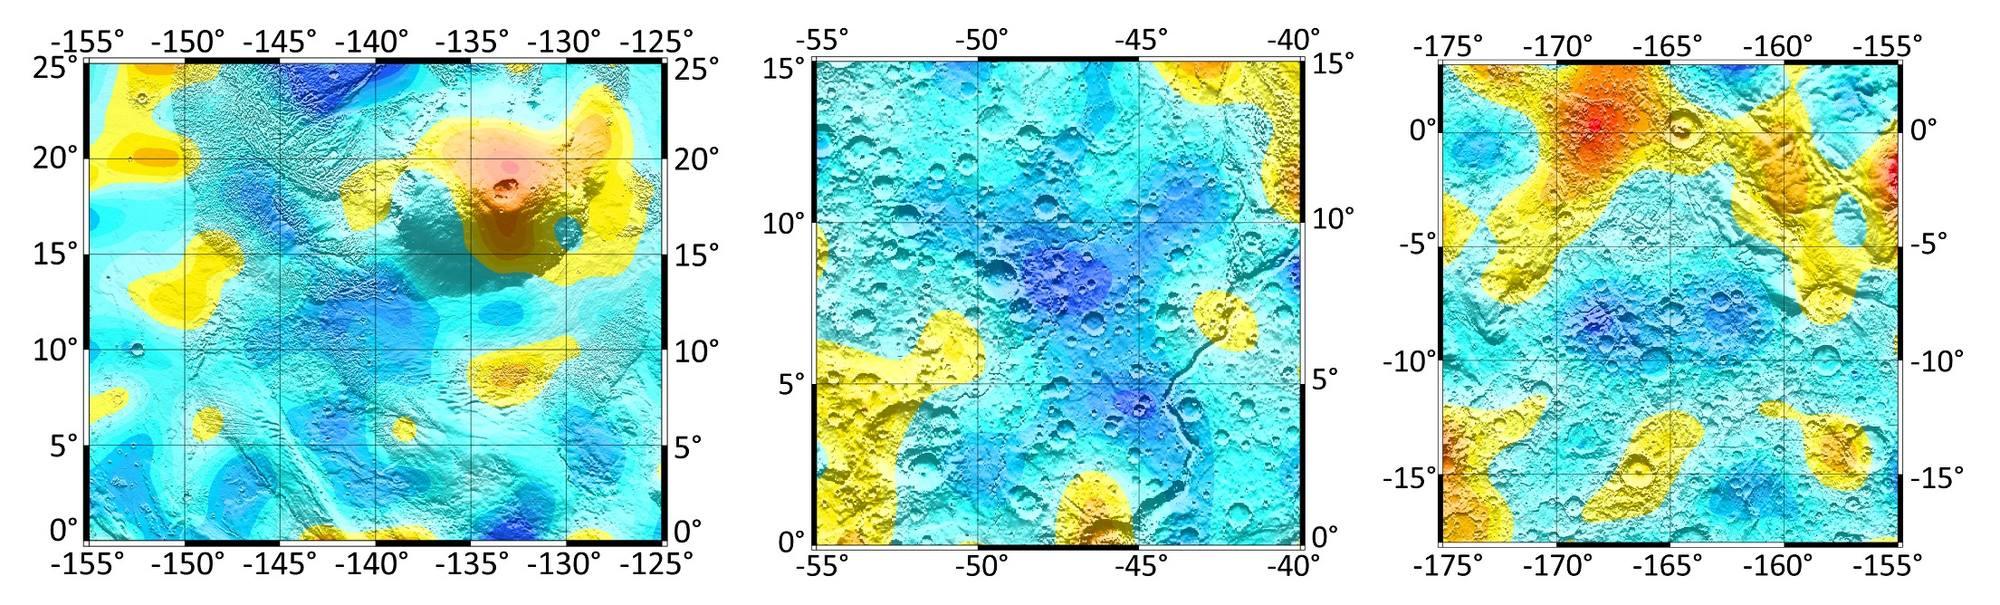 Trois zones d '«oasis» équatoriales à forte teneur en eau, obtenues avec une haute résolution spatiale sur la base du traitement conjoint des données de mesure des instruments HEND et FREND (vaisseau spatial TGO, mission ExoMars-2016). De gauche à droite - les zones du volcan Olympus, Xanthus land et Medusa sillons. La teneur en eau dans ces zones peut atteindre 80% en poids.